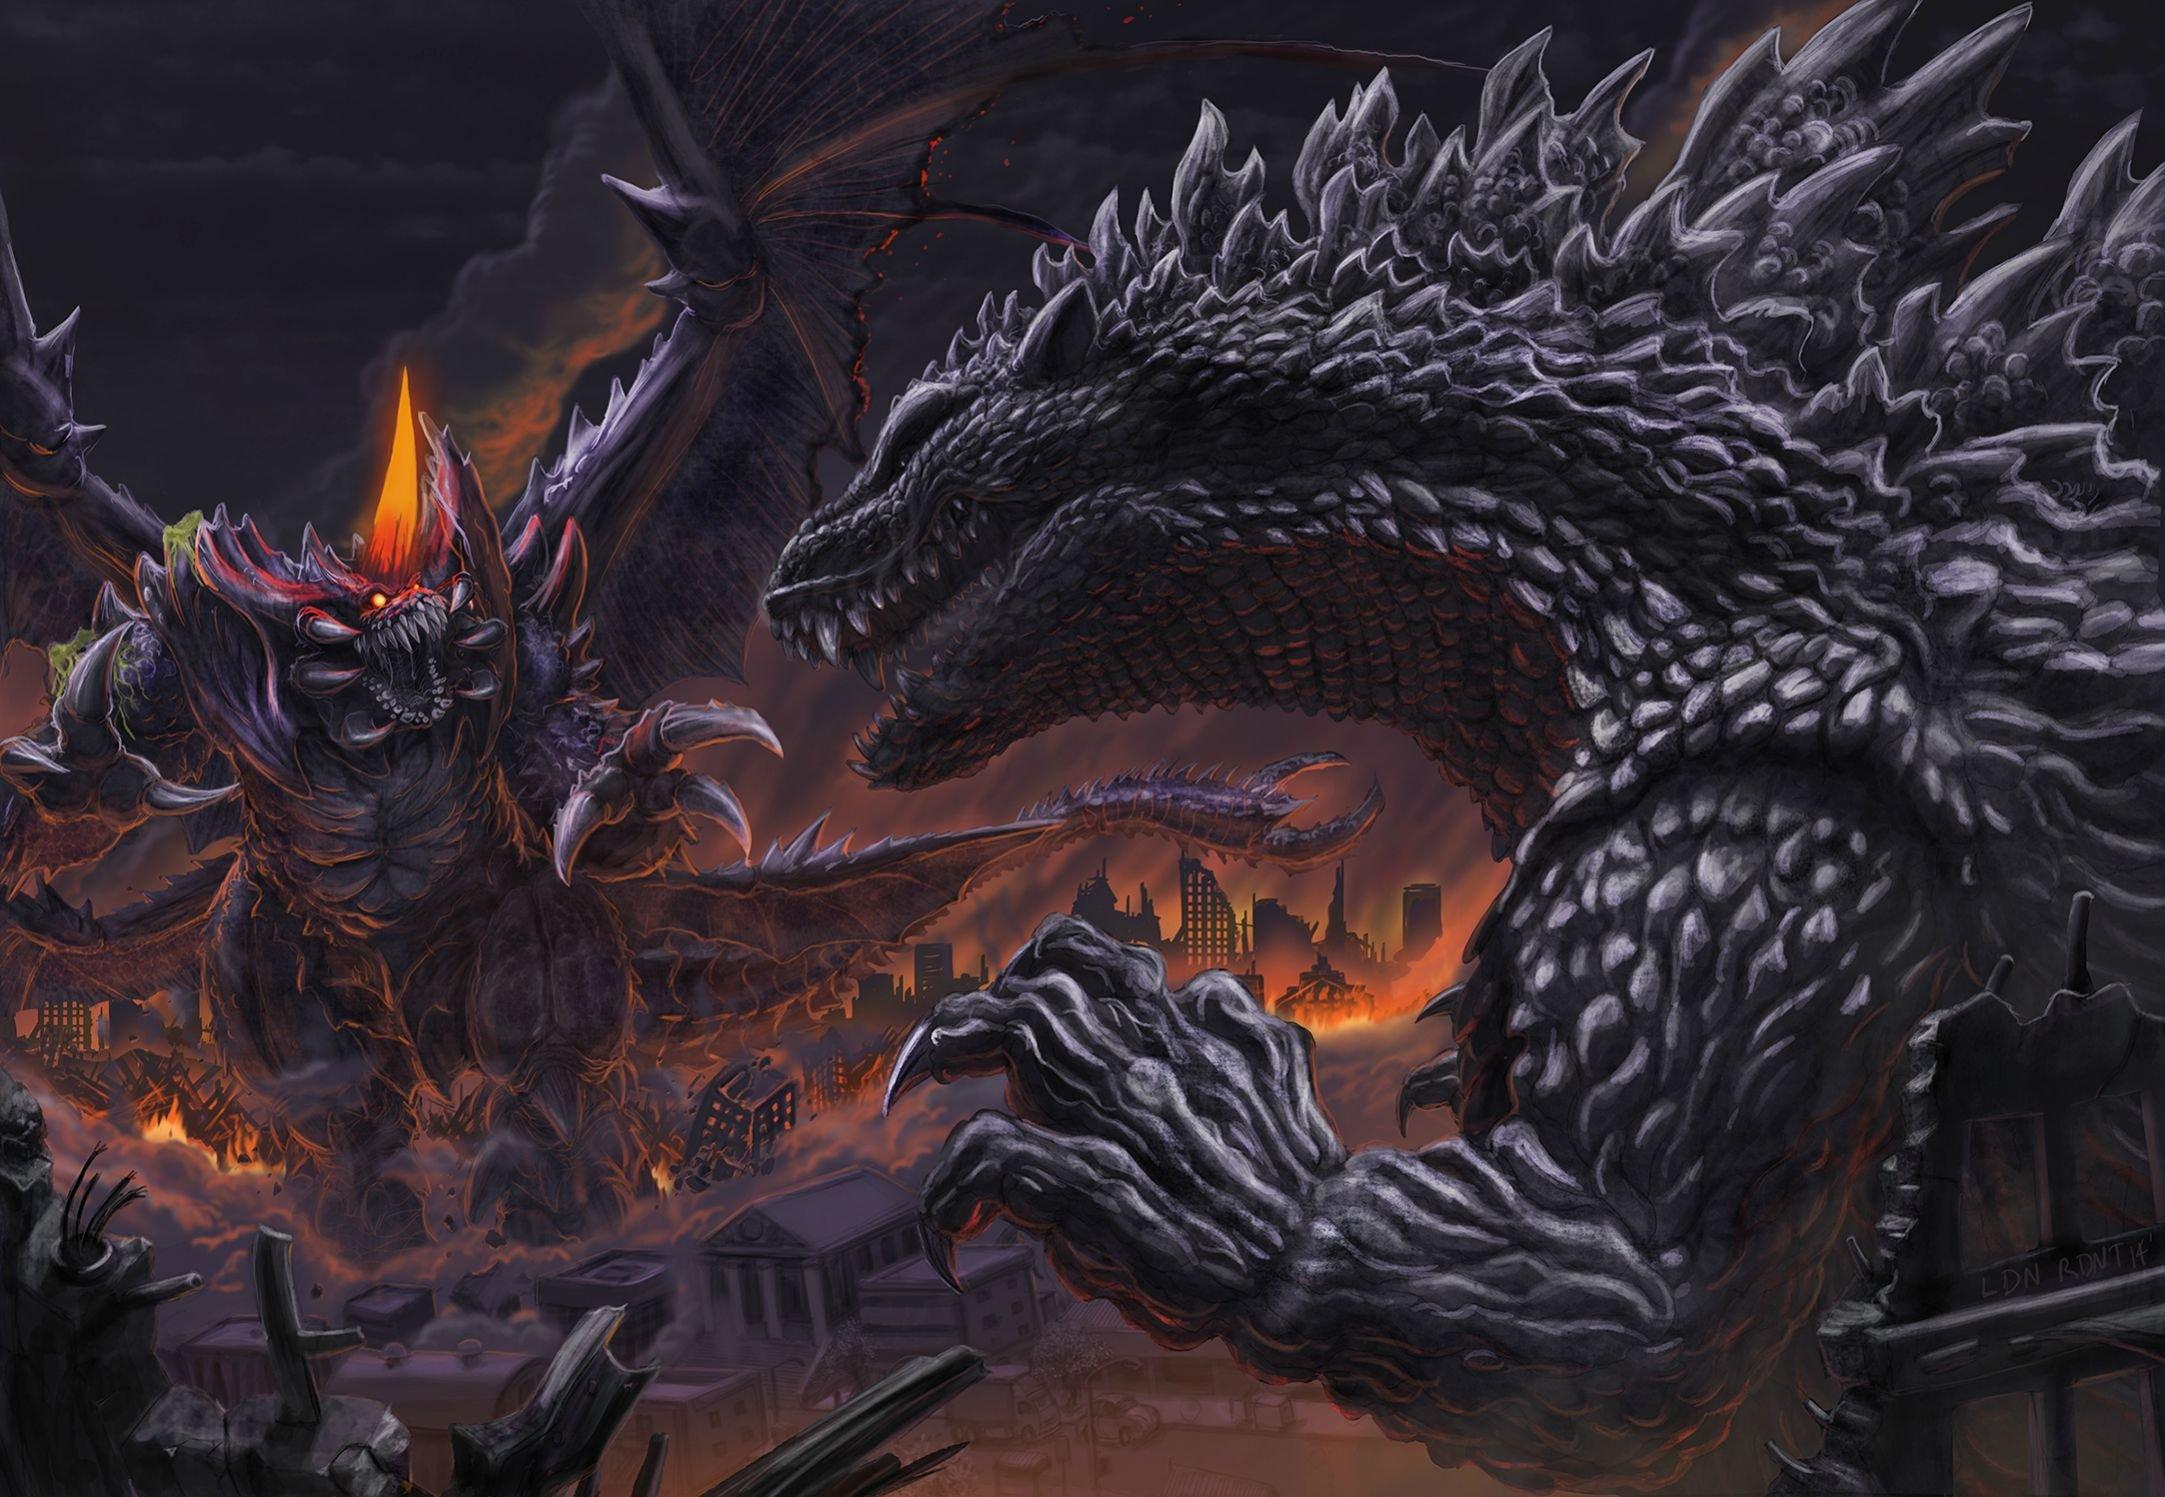 godzilla action adventure sci fi fantasy monster dinosaur